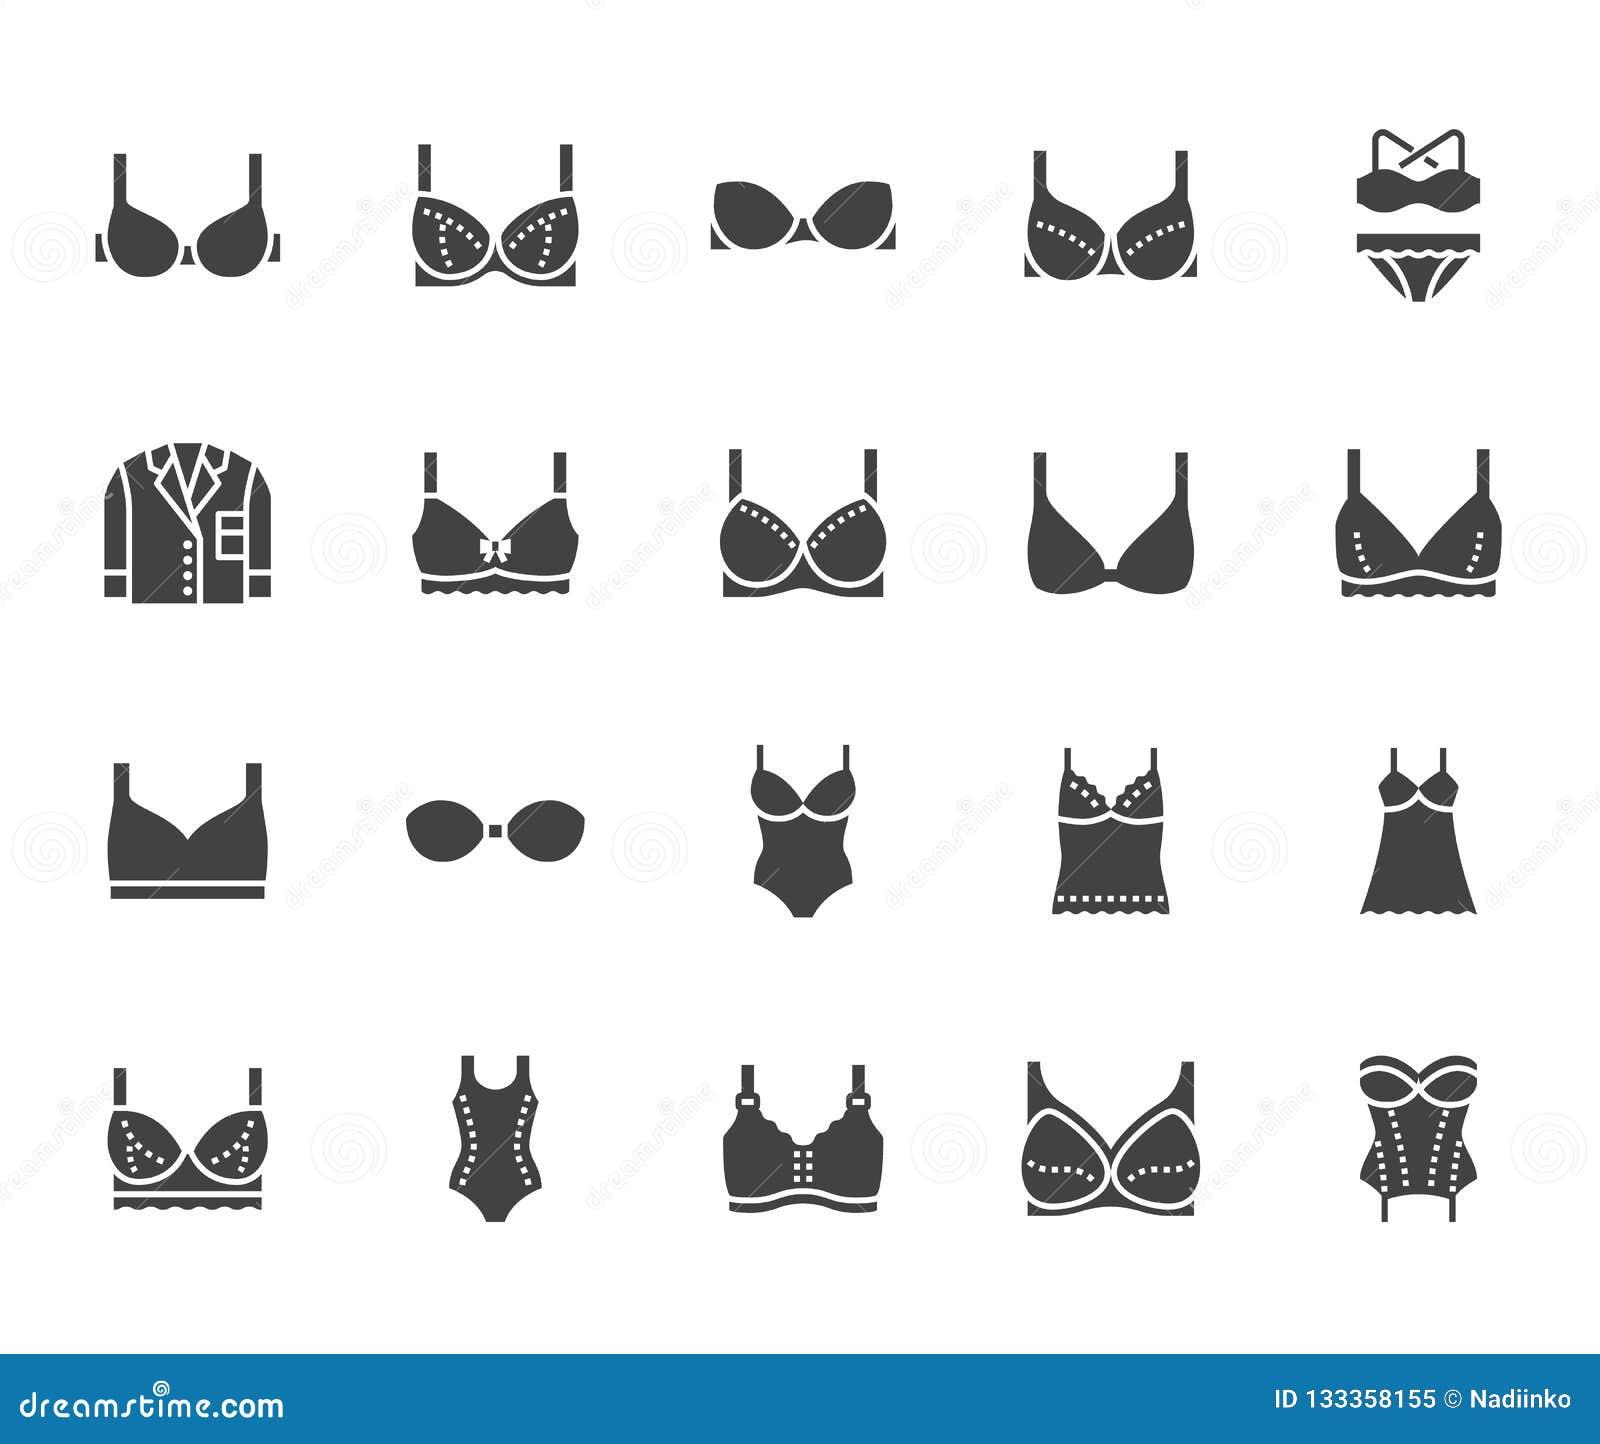 Wäsche flacher Glyph-Ikonensatz BHarten, Frauenunterwäsche, Mutterschaftsbh, Chemise, Pyjamas, Badebekleidung, Korsettvektor